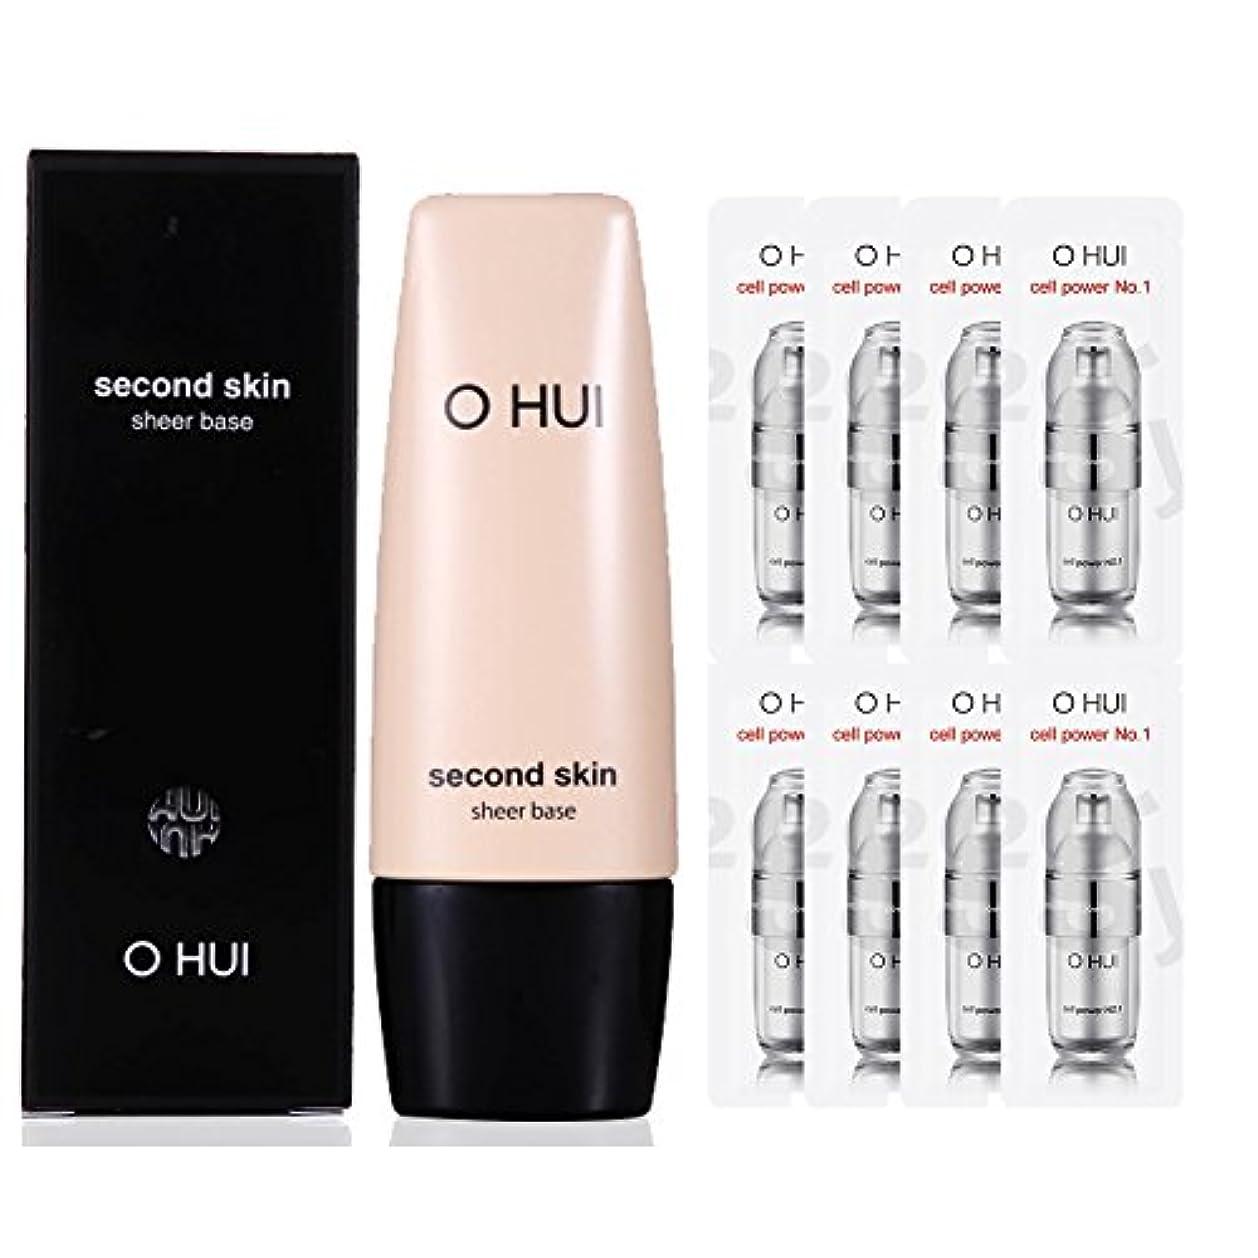 コンプリート高架課税OHUI/オフィセカンドスキン シアーベース + 特別の構成 (OHUI SECOND SKIN SHEER BASE Makeup Base +Special Gift set)]【スポットセール】[海外直送品]